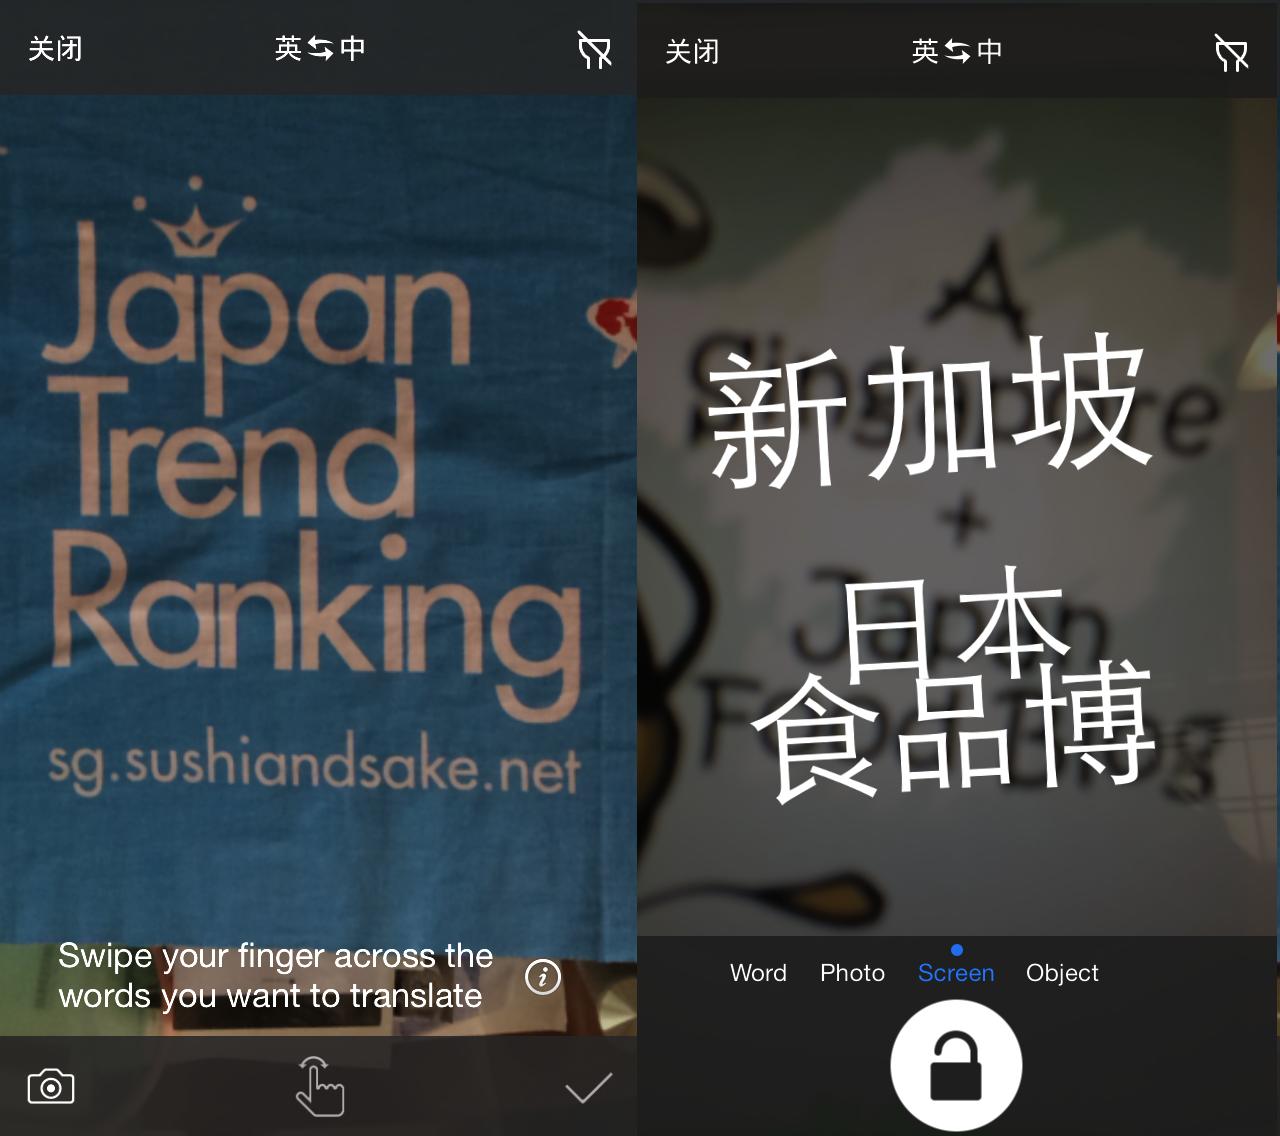 English To Italian Translator Google: Baidu's Translation App Now Recognizes Images